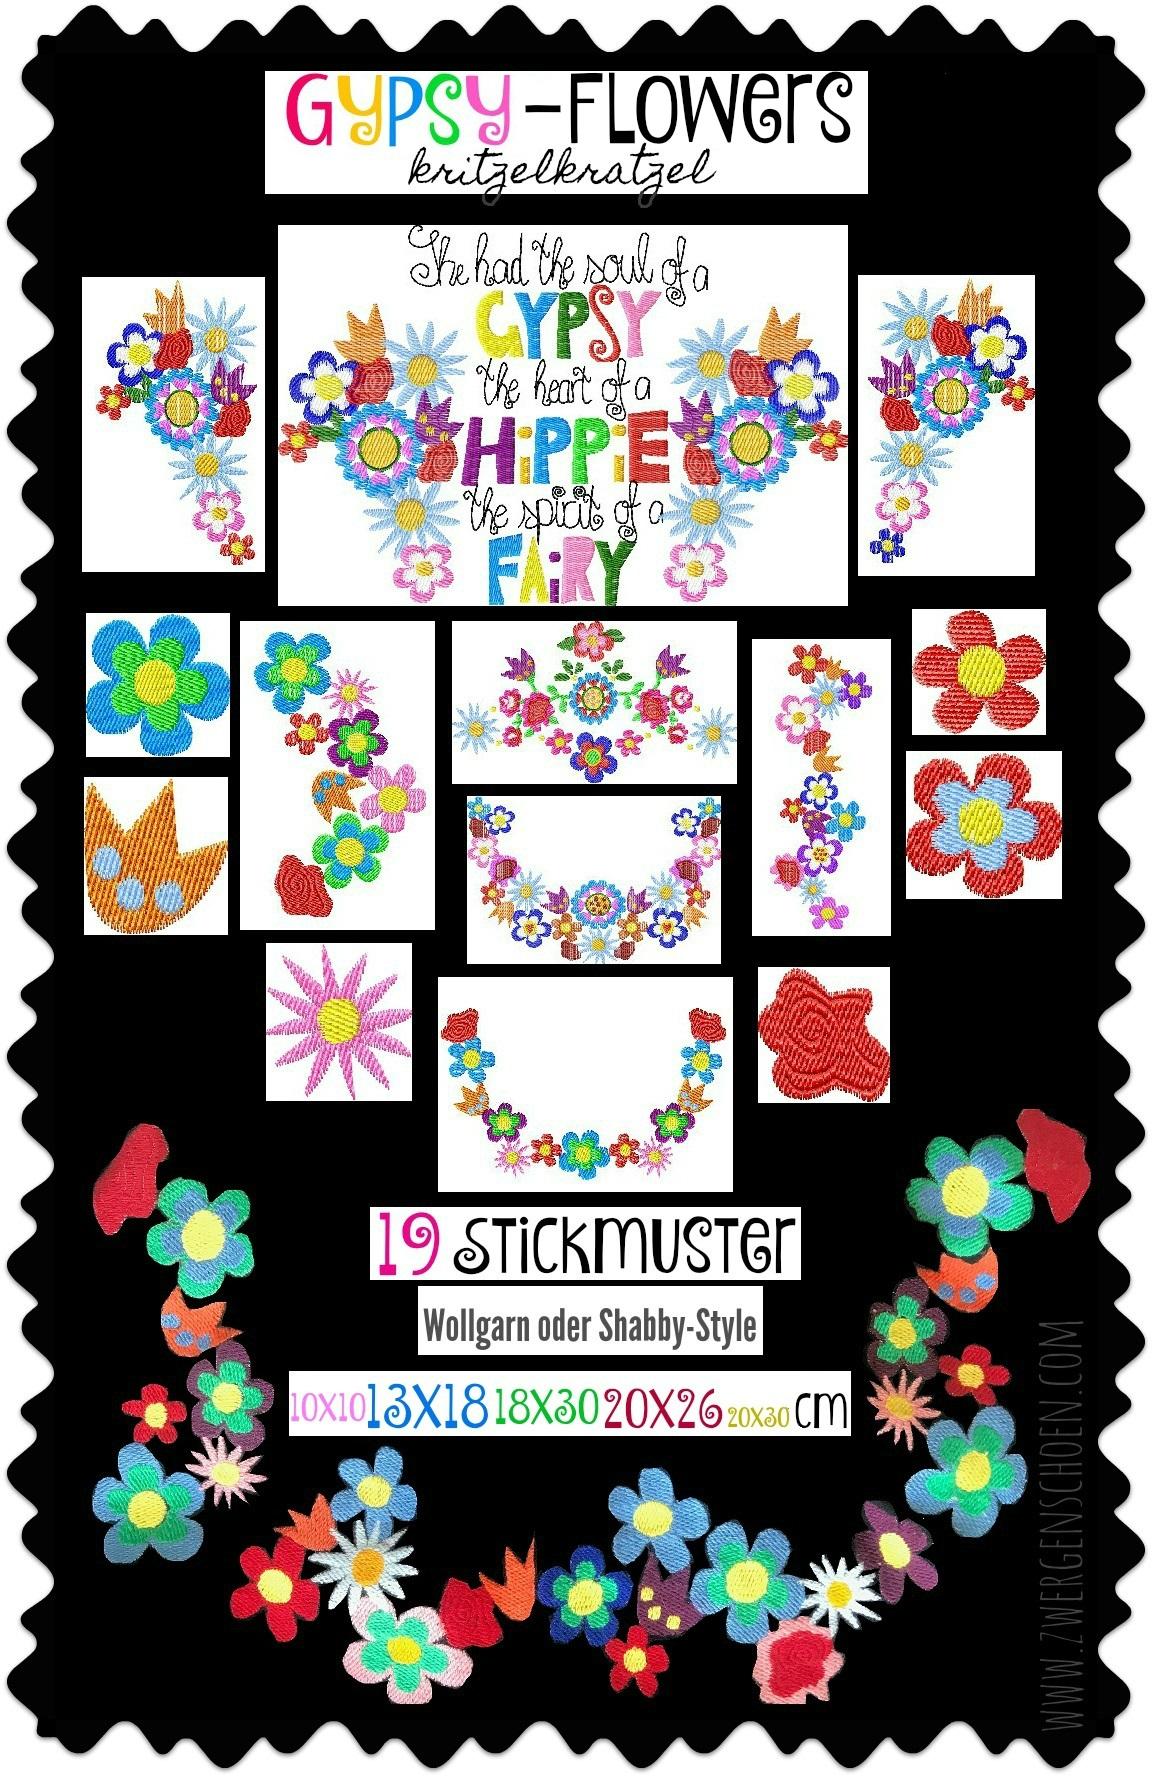 ♥GYPSY-Flowers KRITZELKRATZEL♥ Stickdatei SPEZIAL-EFFEKT Wollgarn BLUMEN 10x10 13x18 18x30 20x26 20x30cm